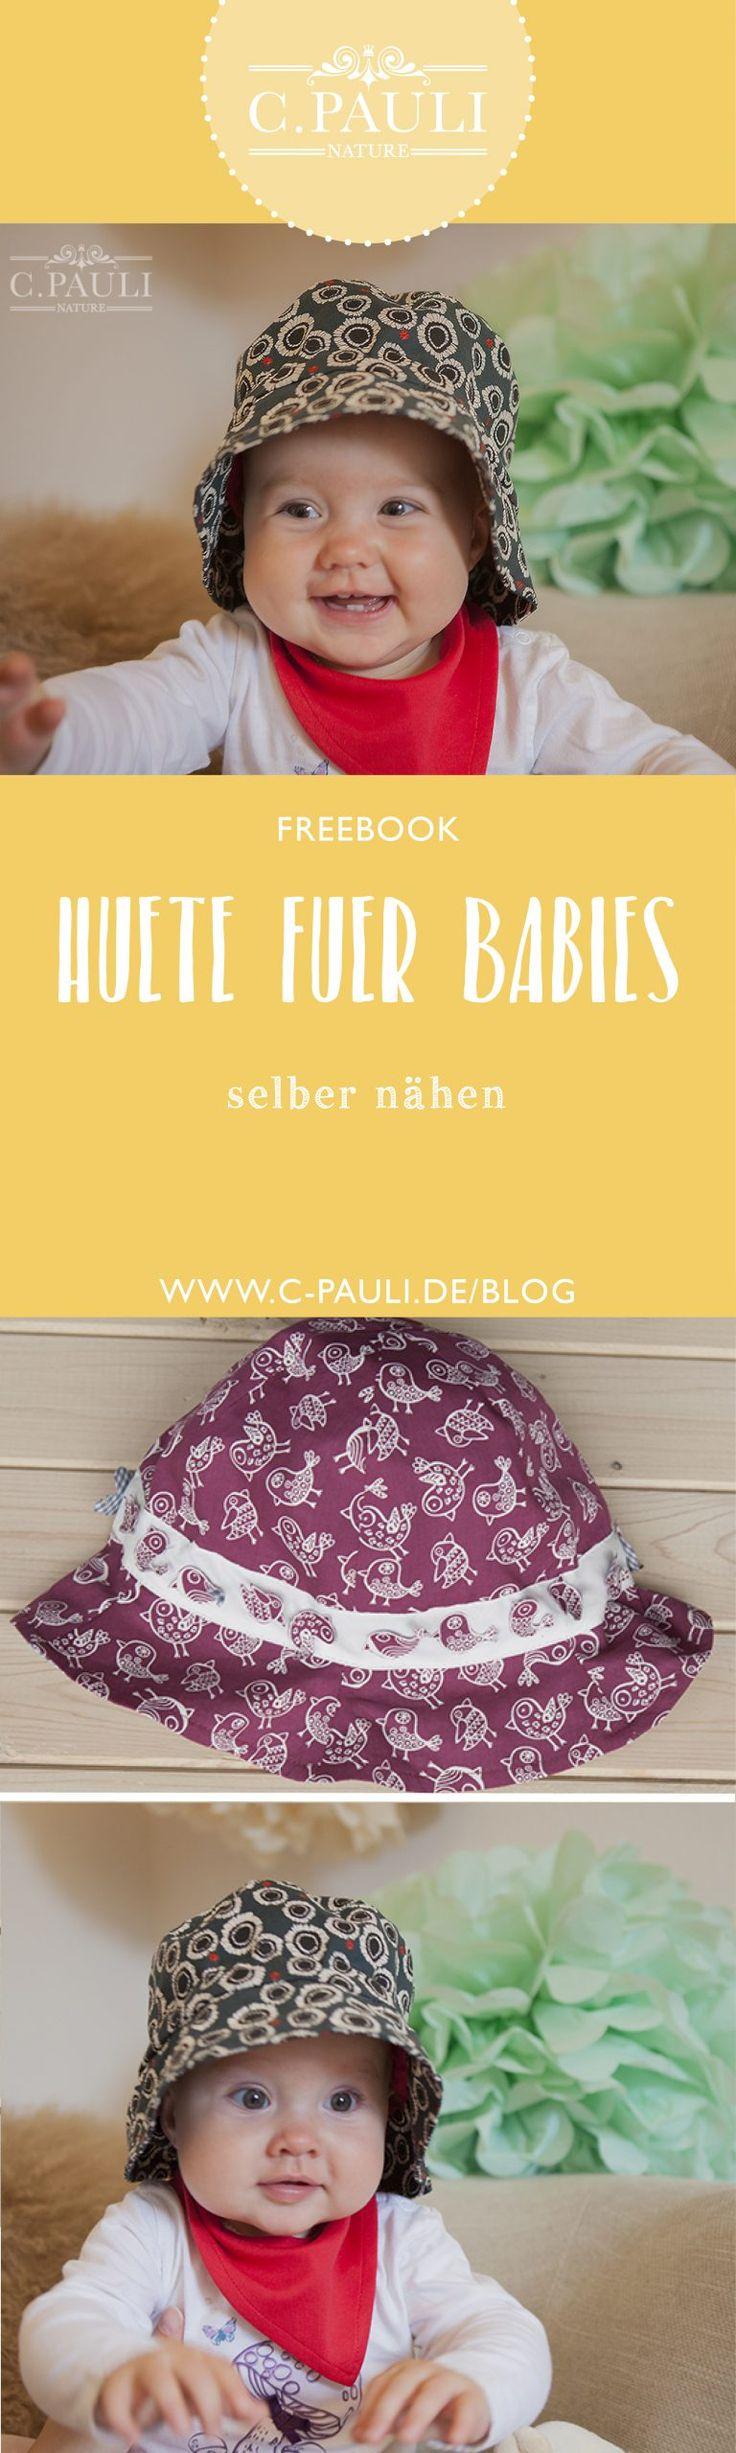 131 best Hüte und Mützen images on Pinterest | Baby nähen ...